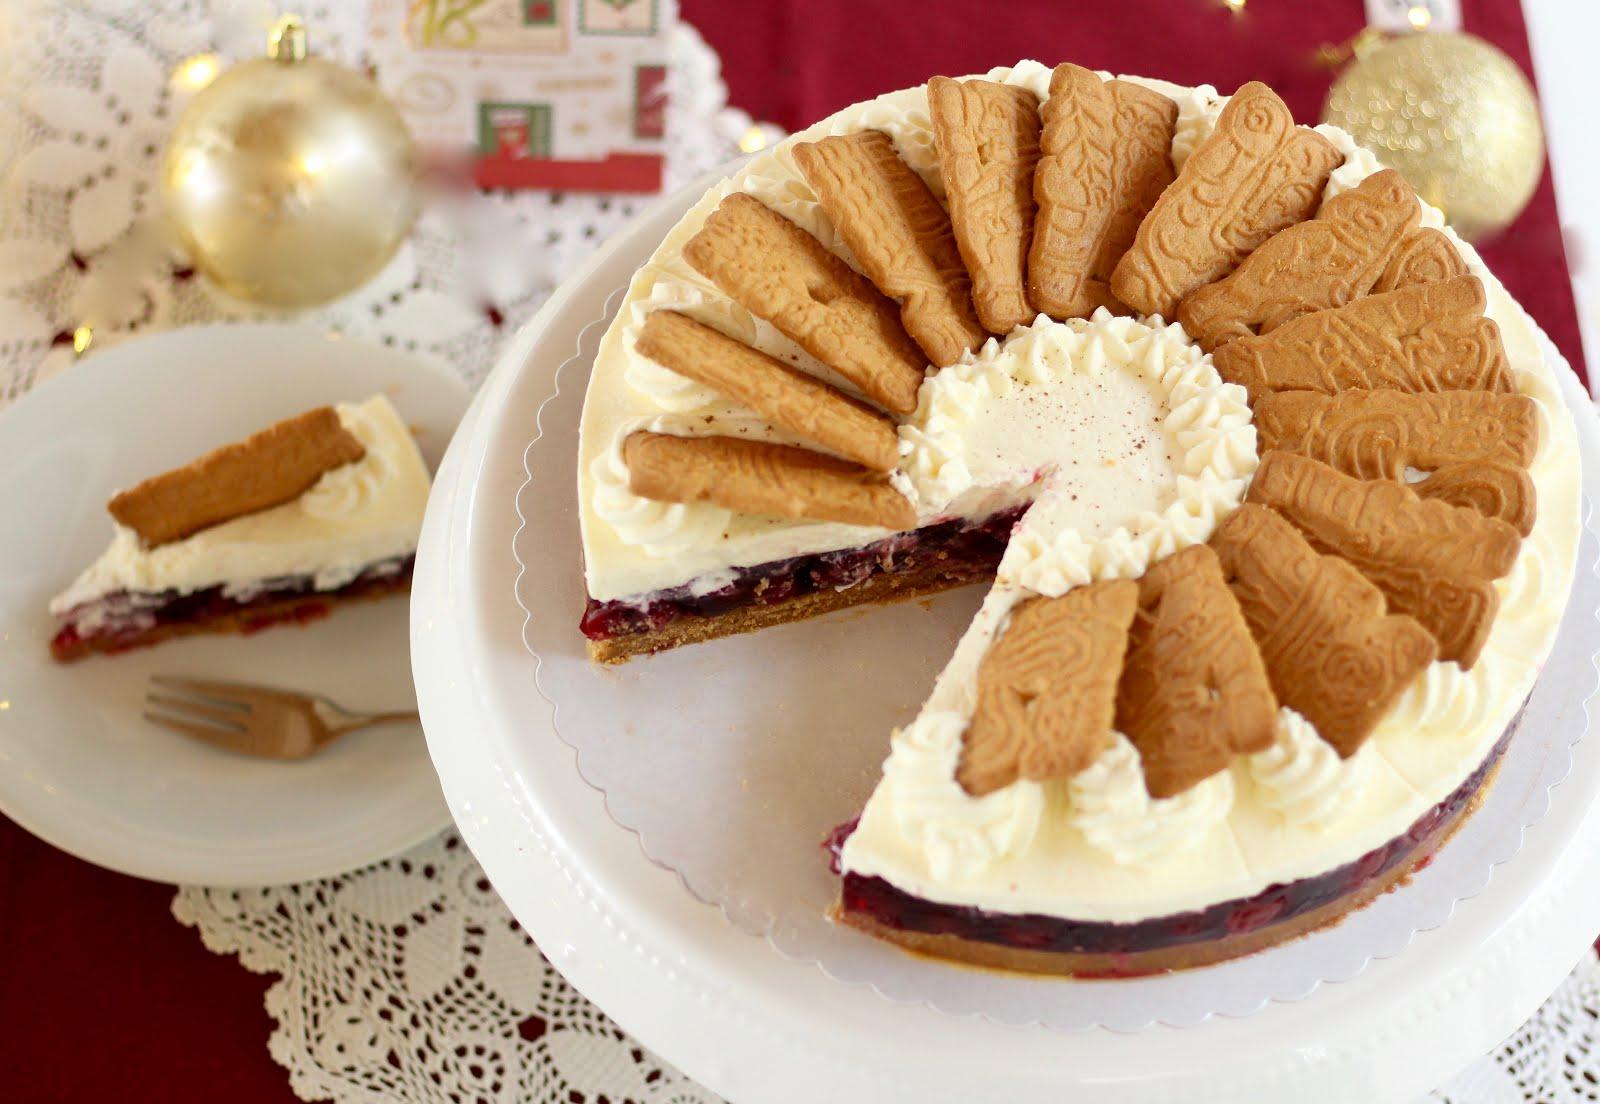 Spekulatius-Kirsch-Torte mit Sahne - Rezept und Video von Sugarprincess | SCCC 2019 und Foodblogger Adventskalender Türchen Nr. 18 | Gewinnspiel